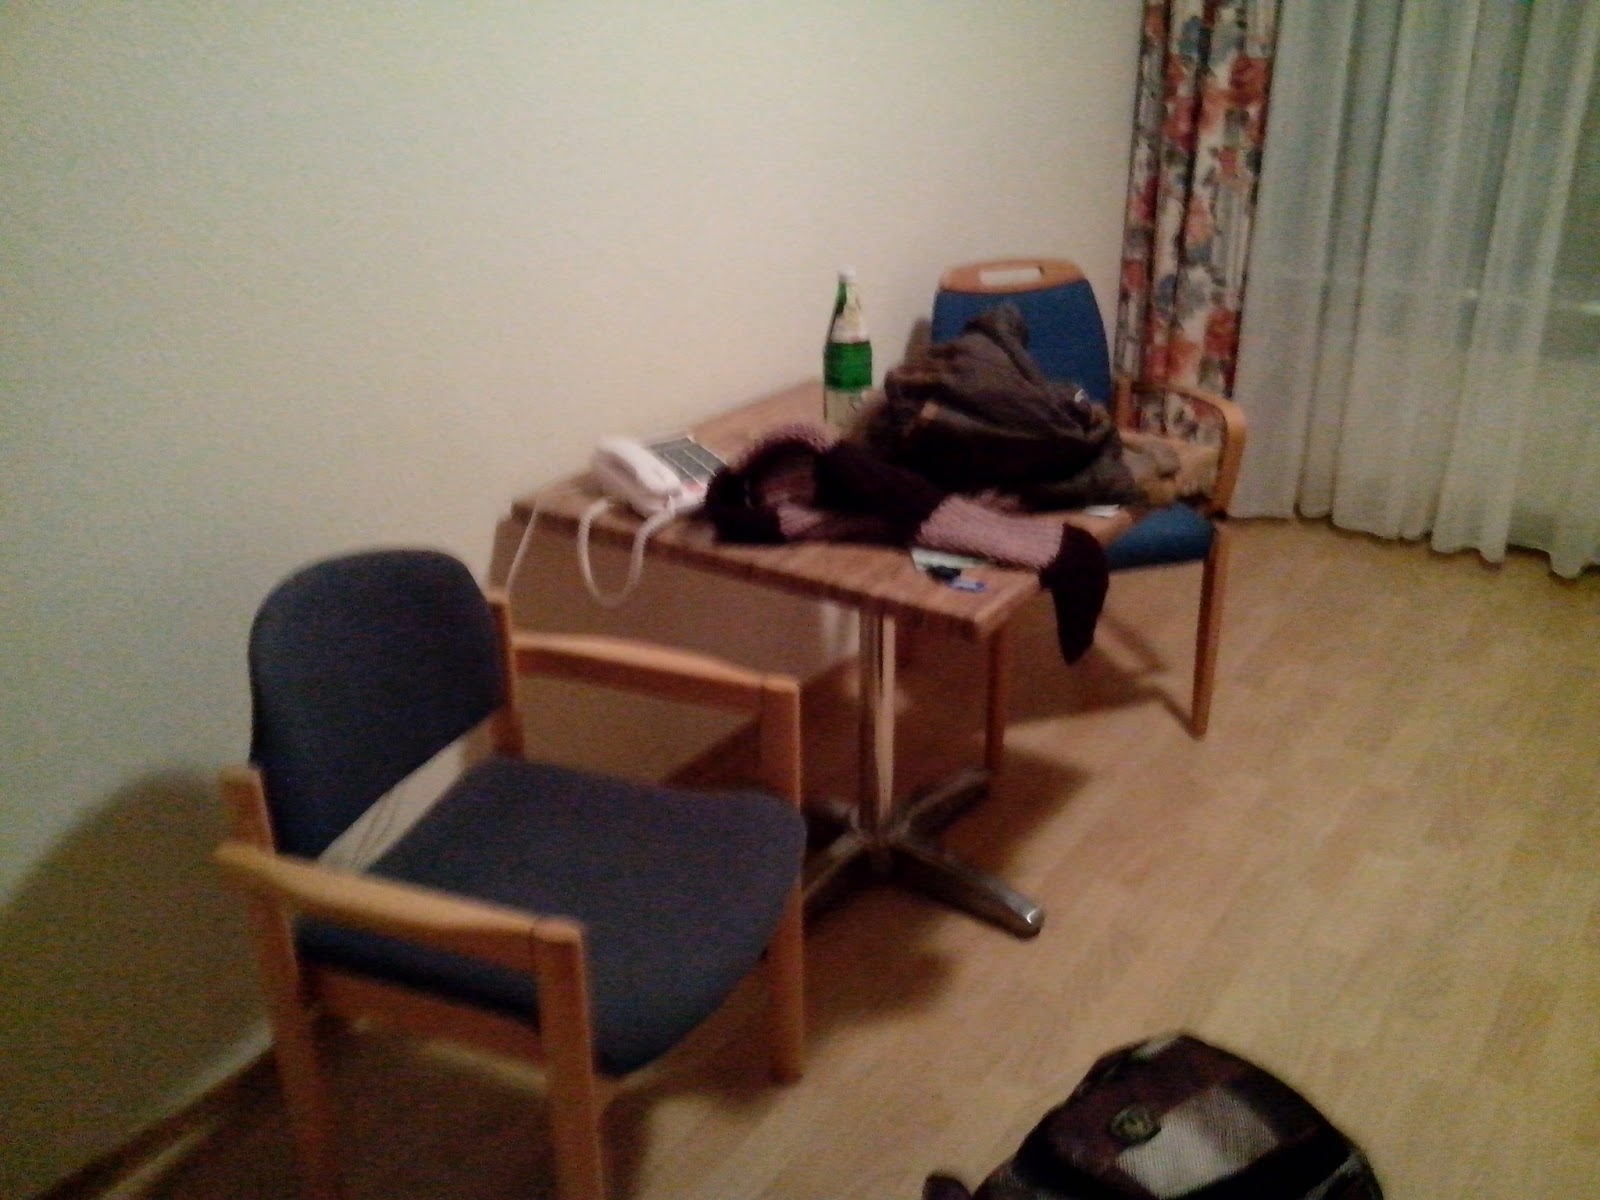 residenz gda erasmus en g ttingen fct en alemania. Black Bedroom Furniture Sets. Home Design Ideas